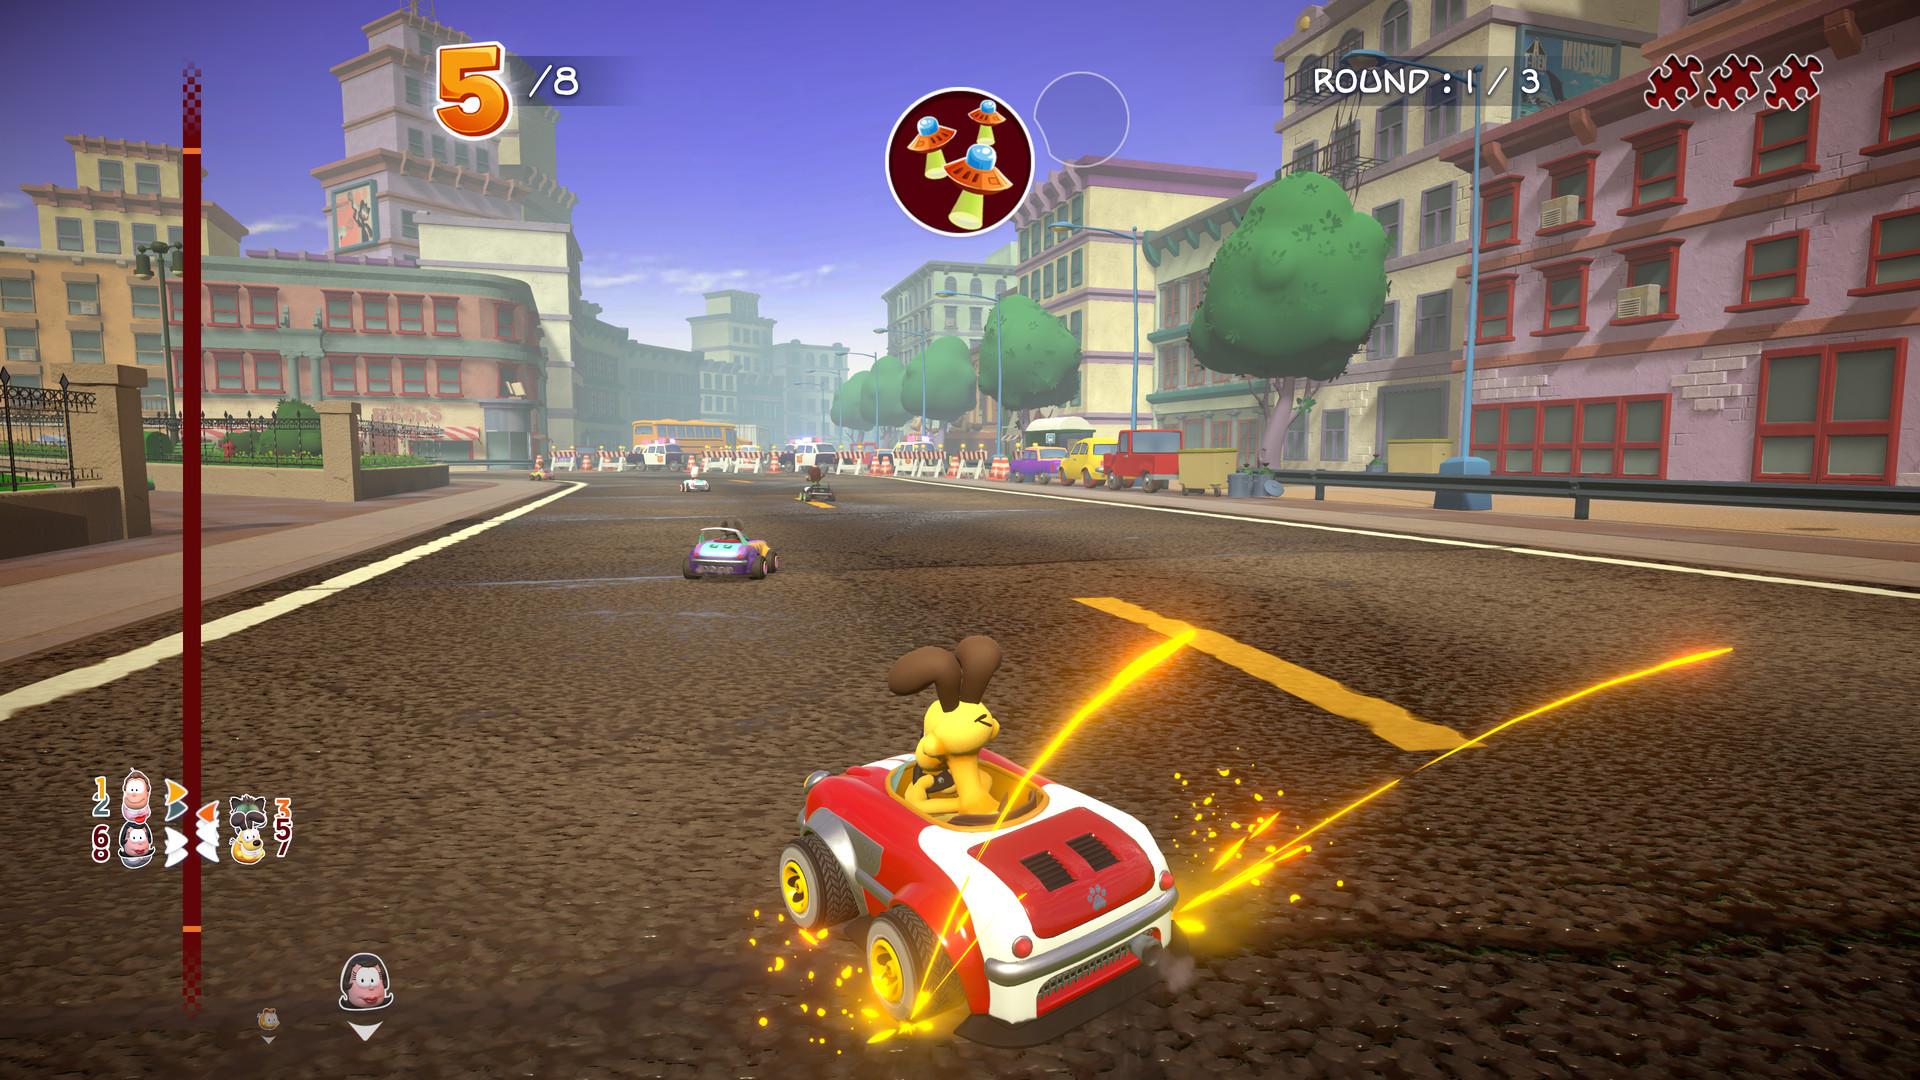 加菲猫卡丁车:激情竞速/Garfield Kart – Furious Racing